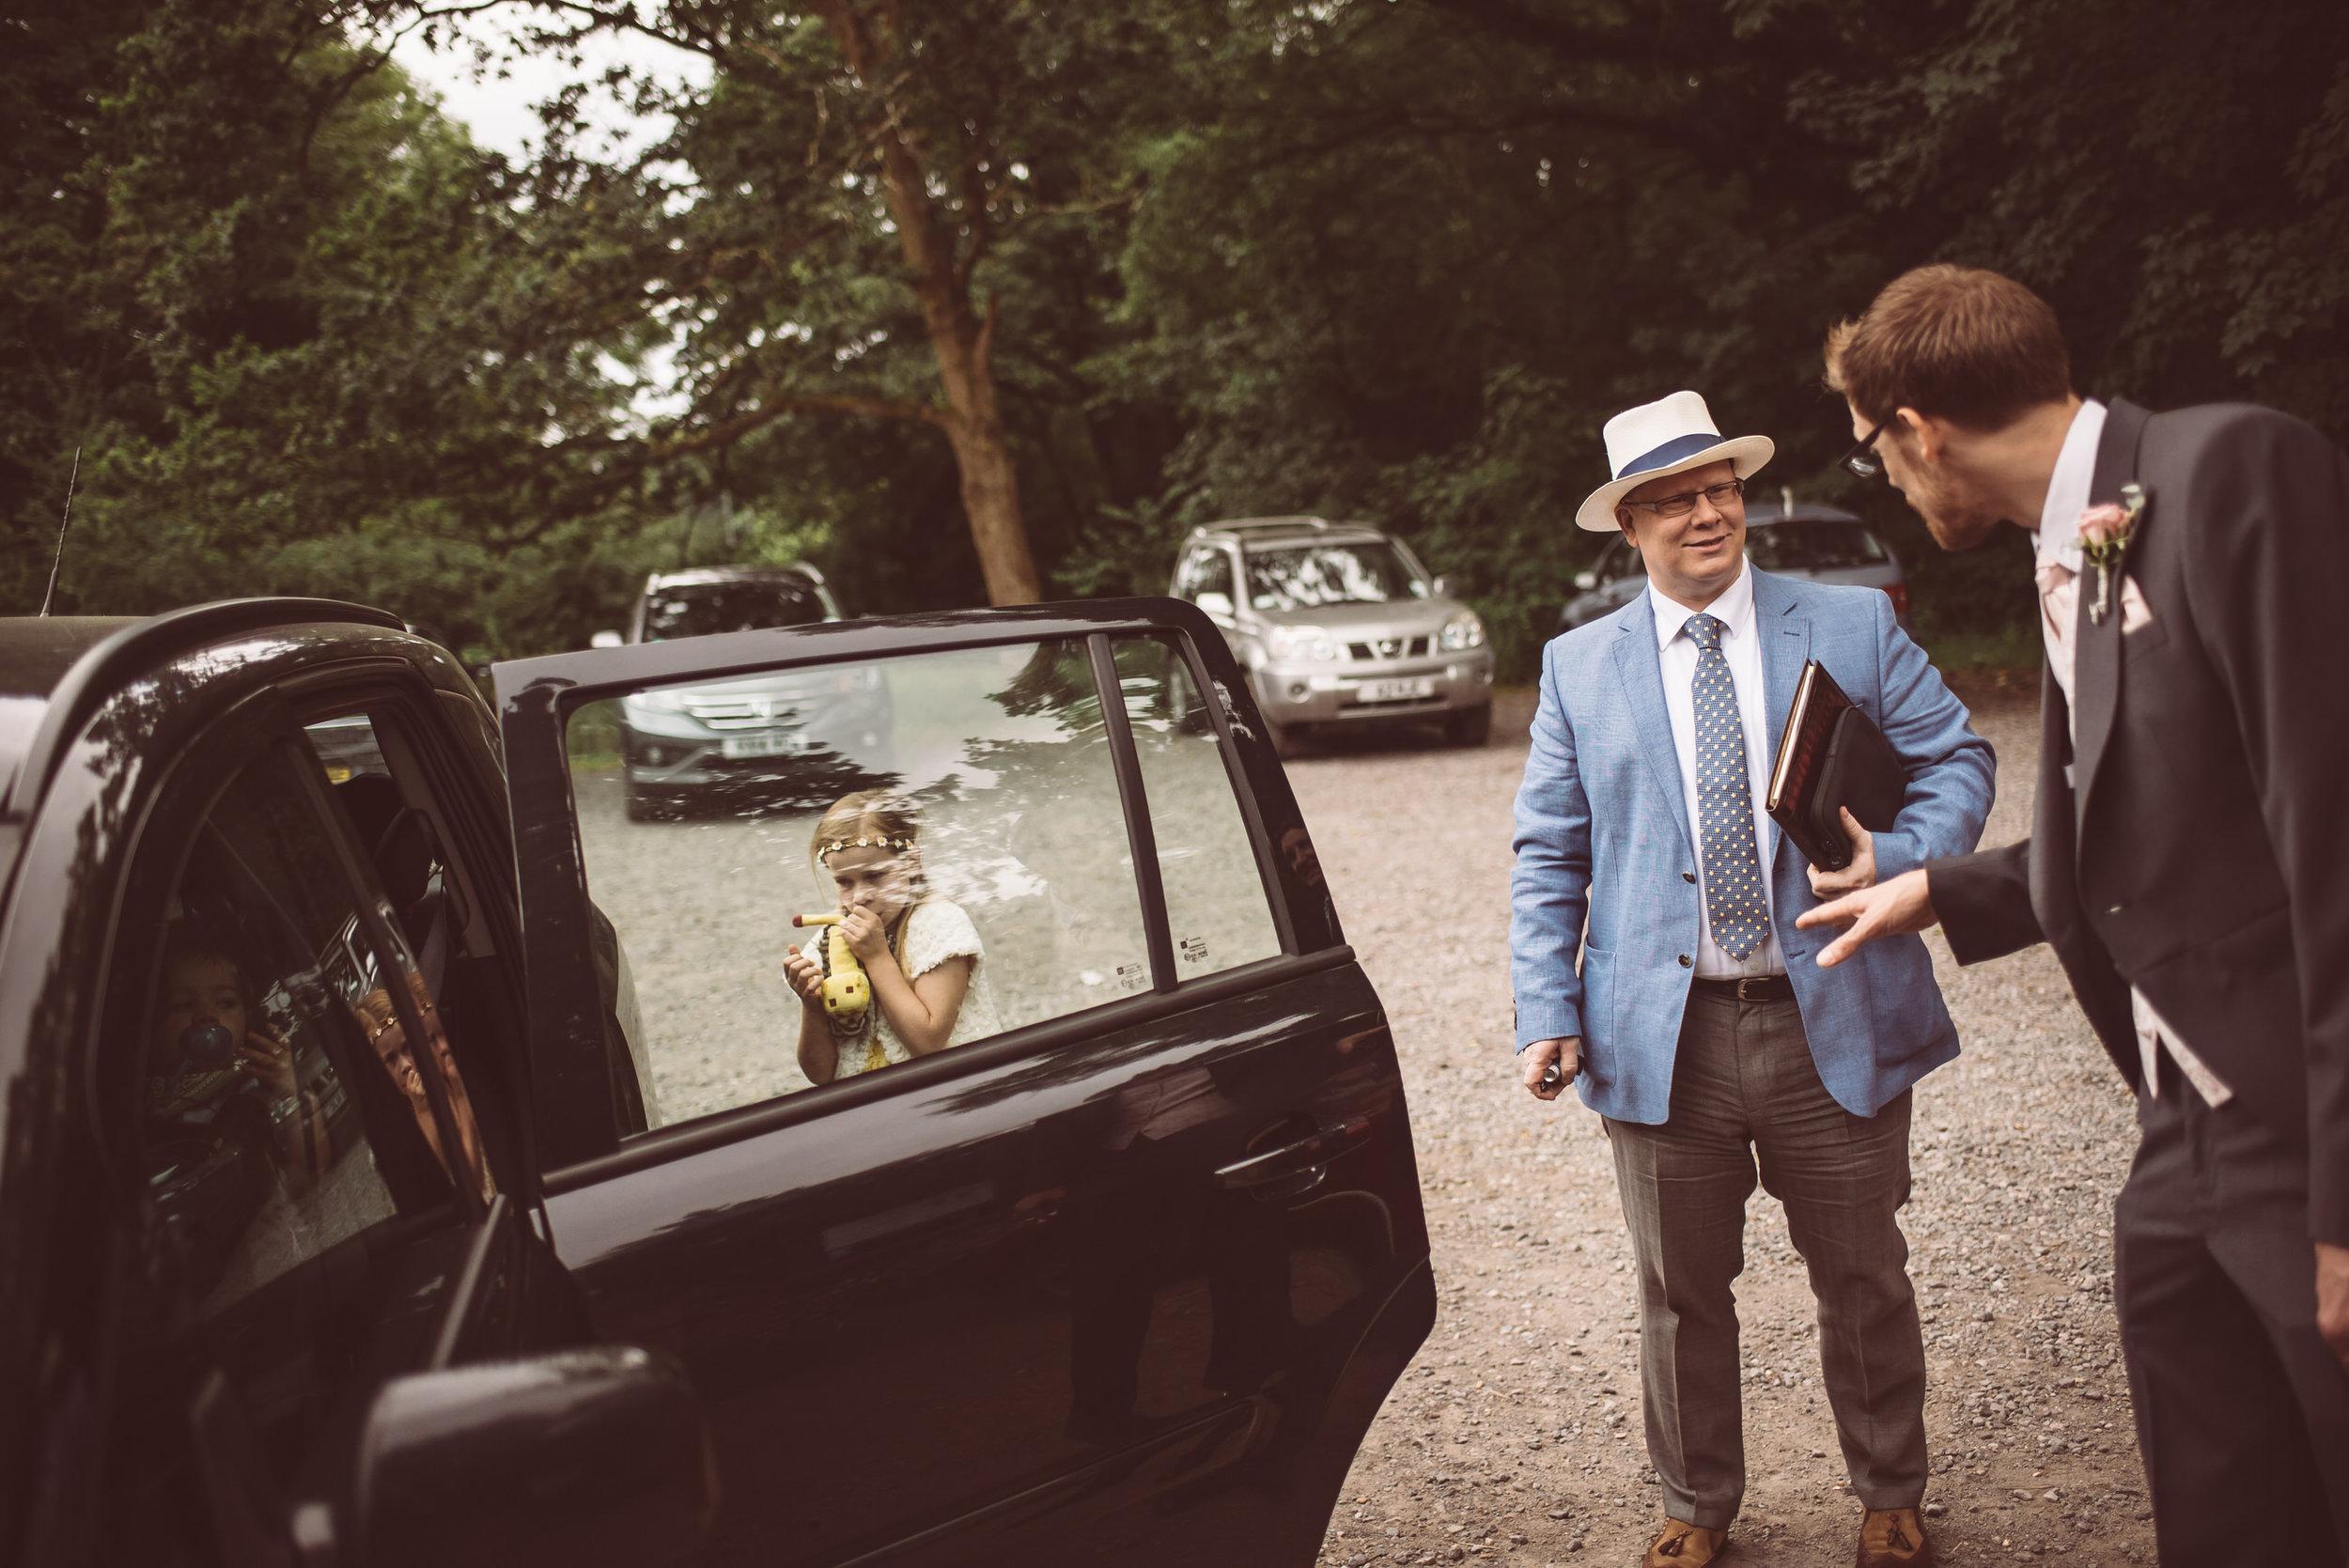 surrey-traditional-country-club-wedding-71.jpg